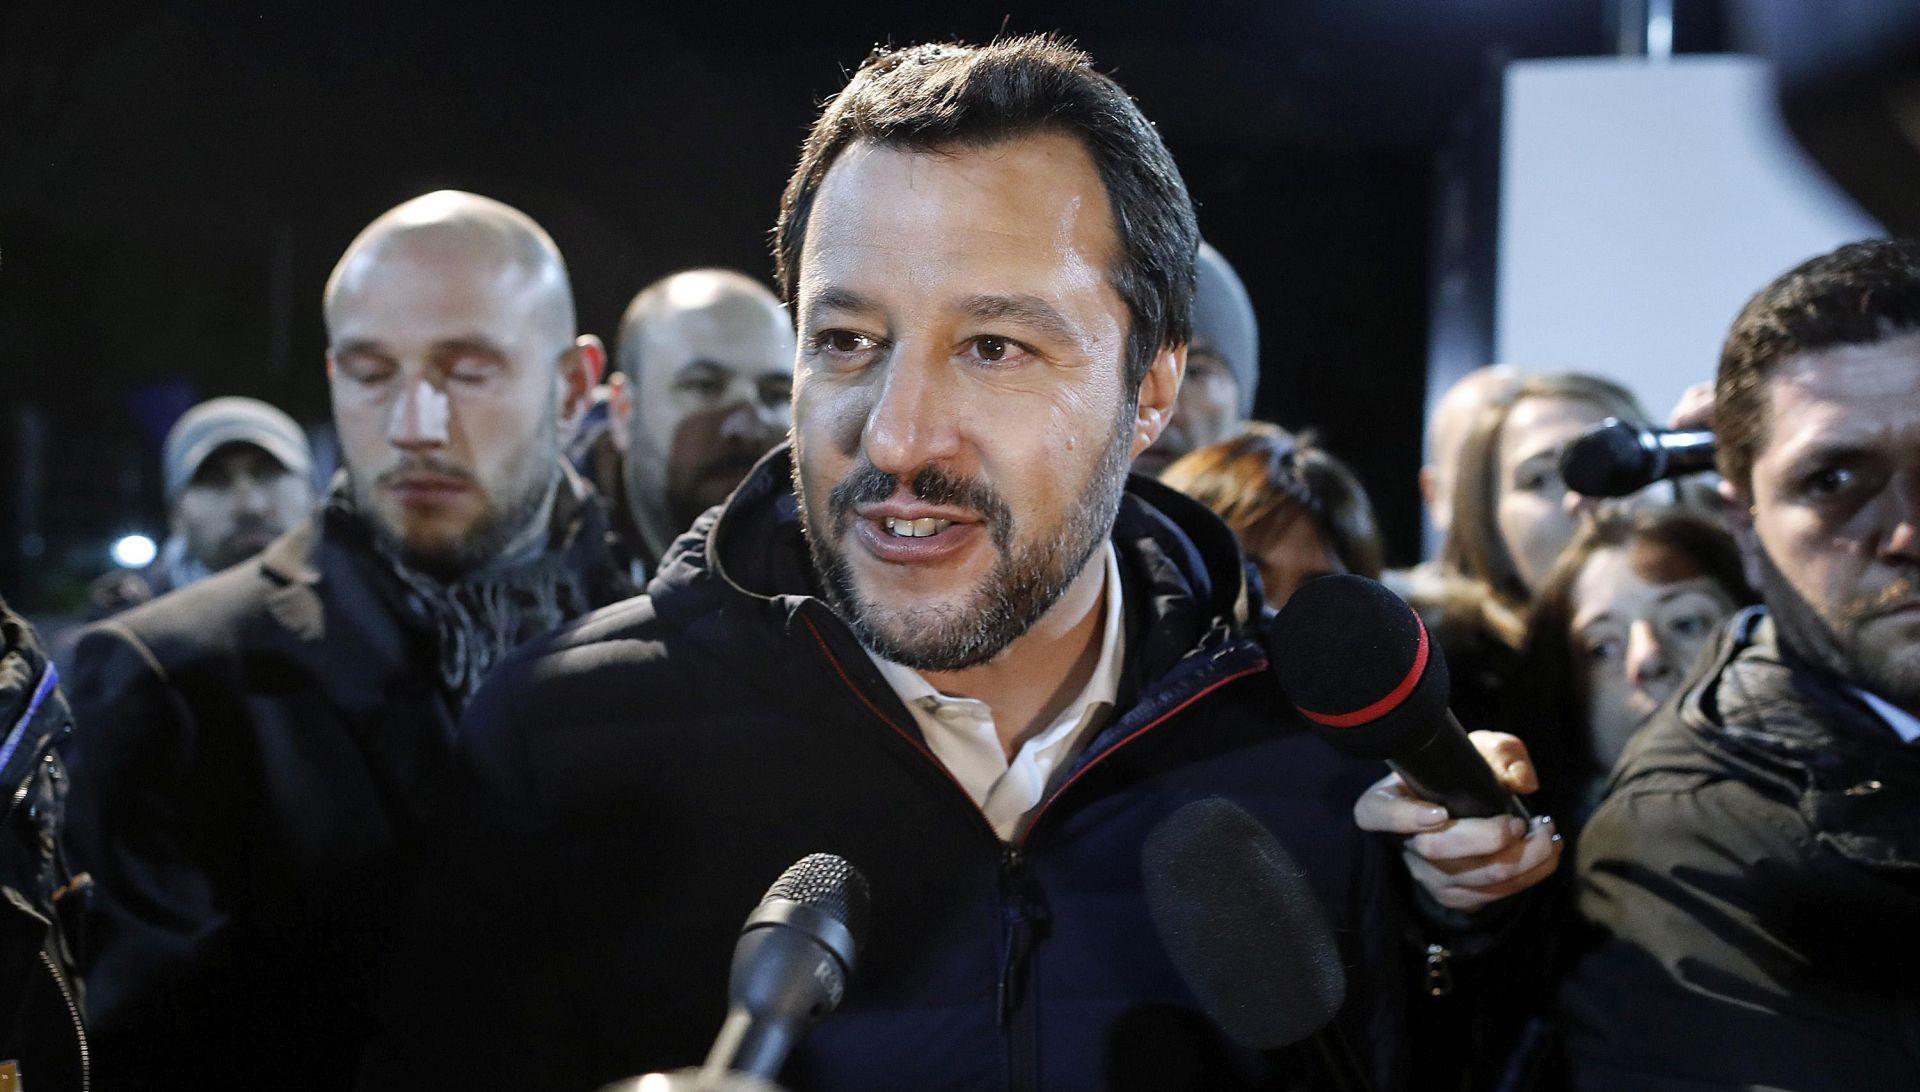 Novi sukob Salvinija i Asselborna zbog migranata